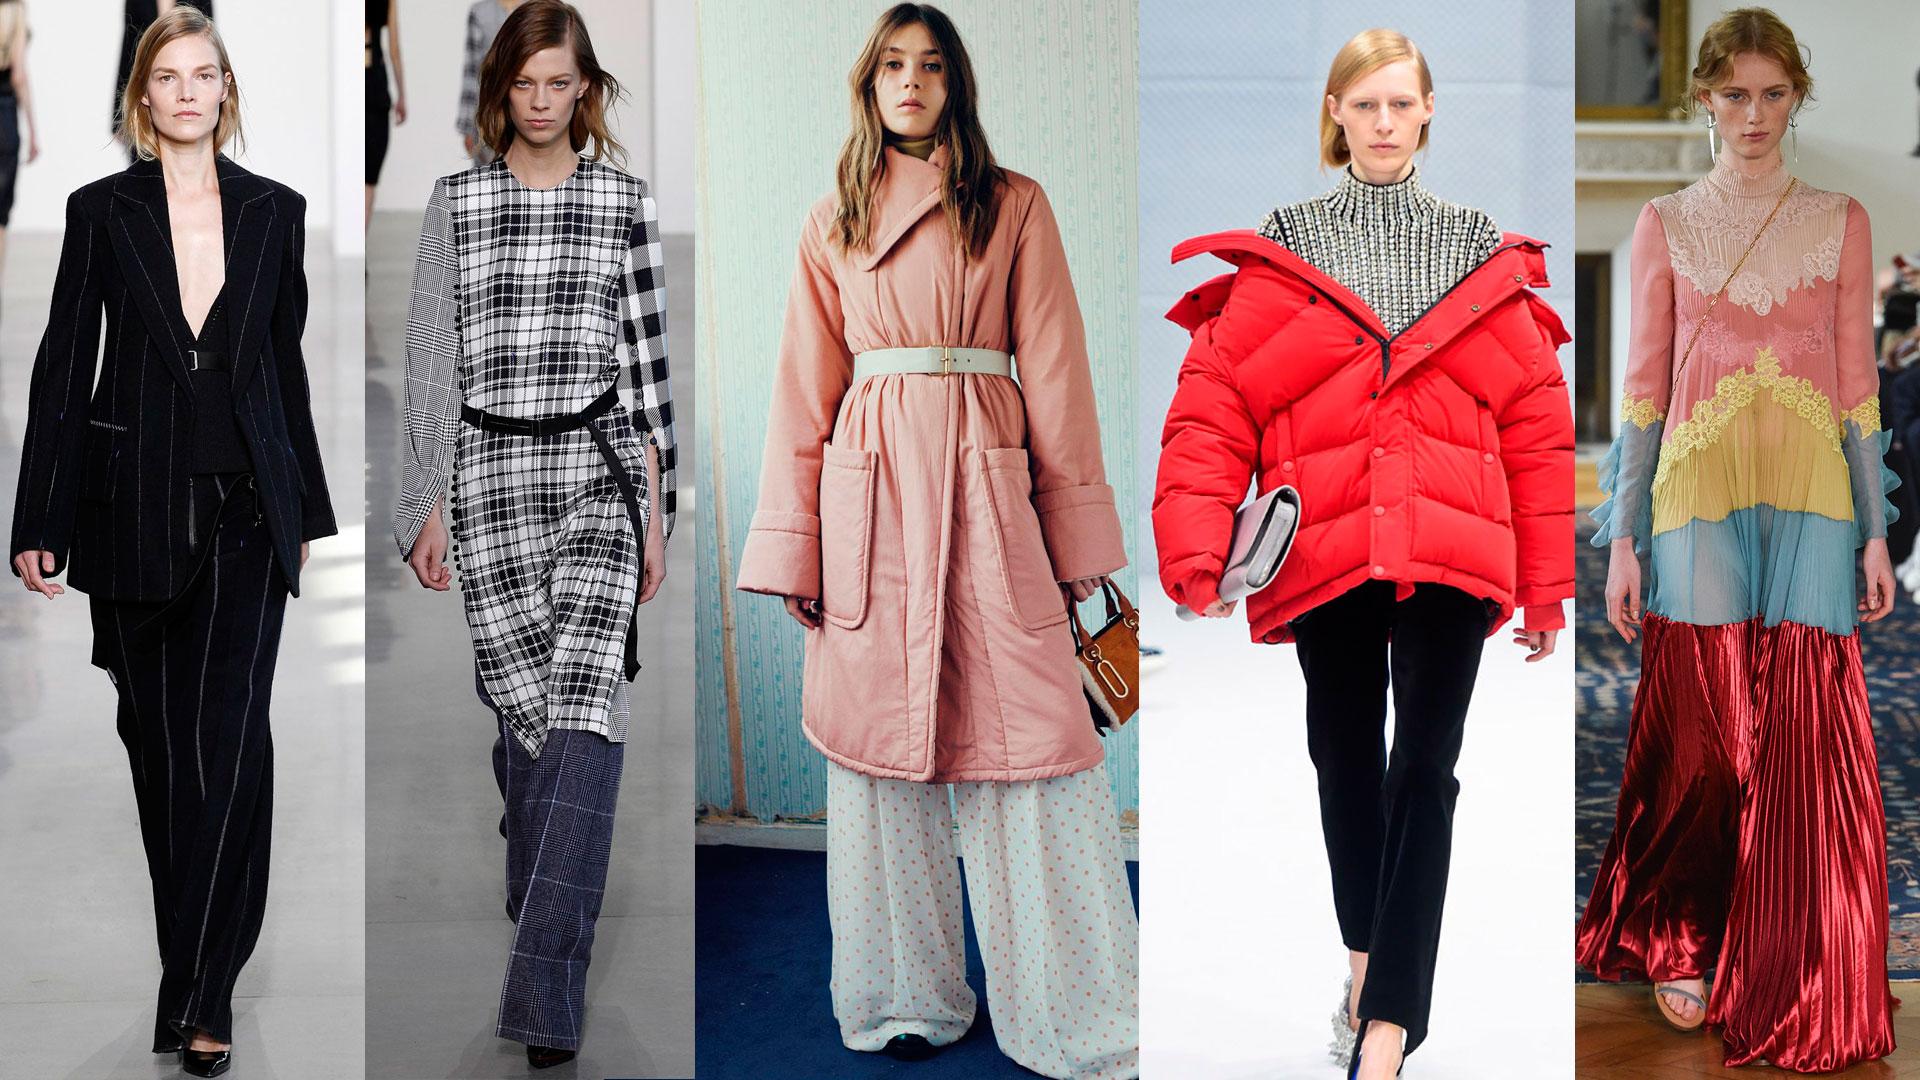 Las 6 tendencias de moda que definen al invierno 2017 musa for Tendencias moda verano 2017